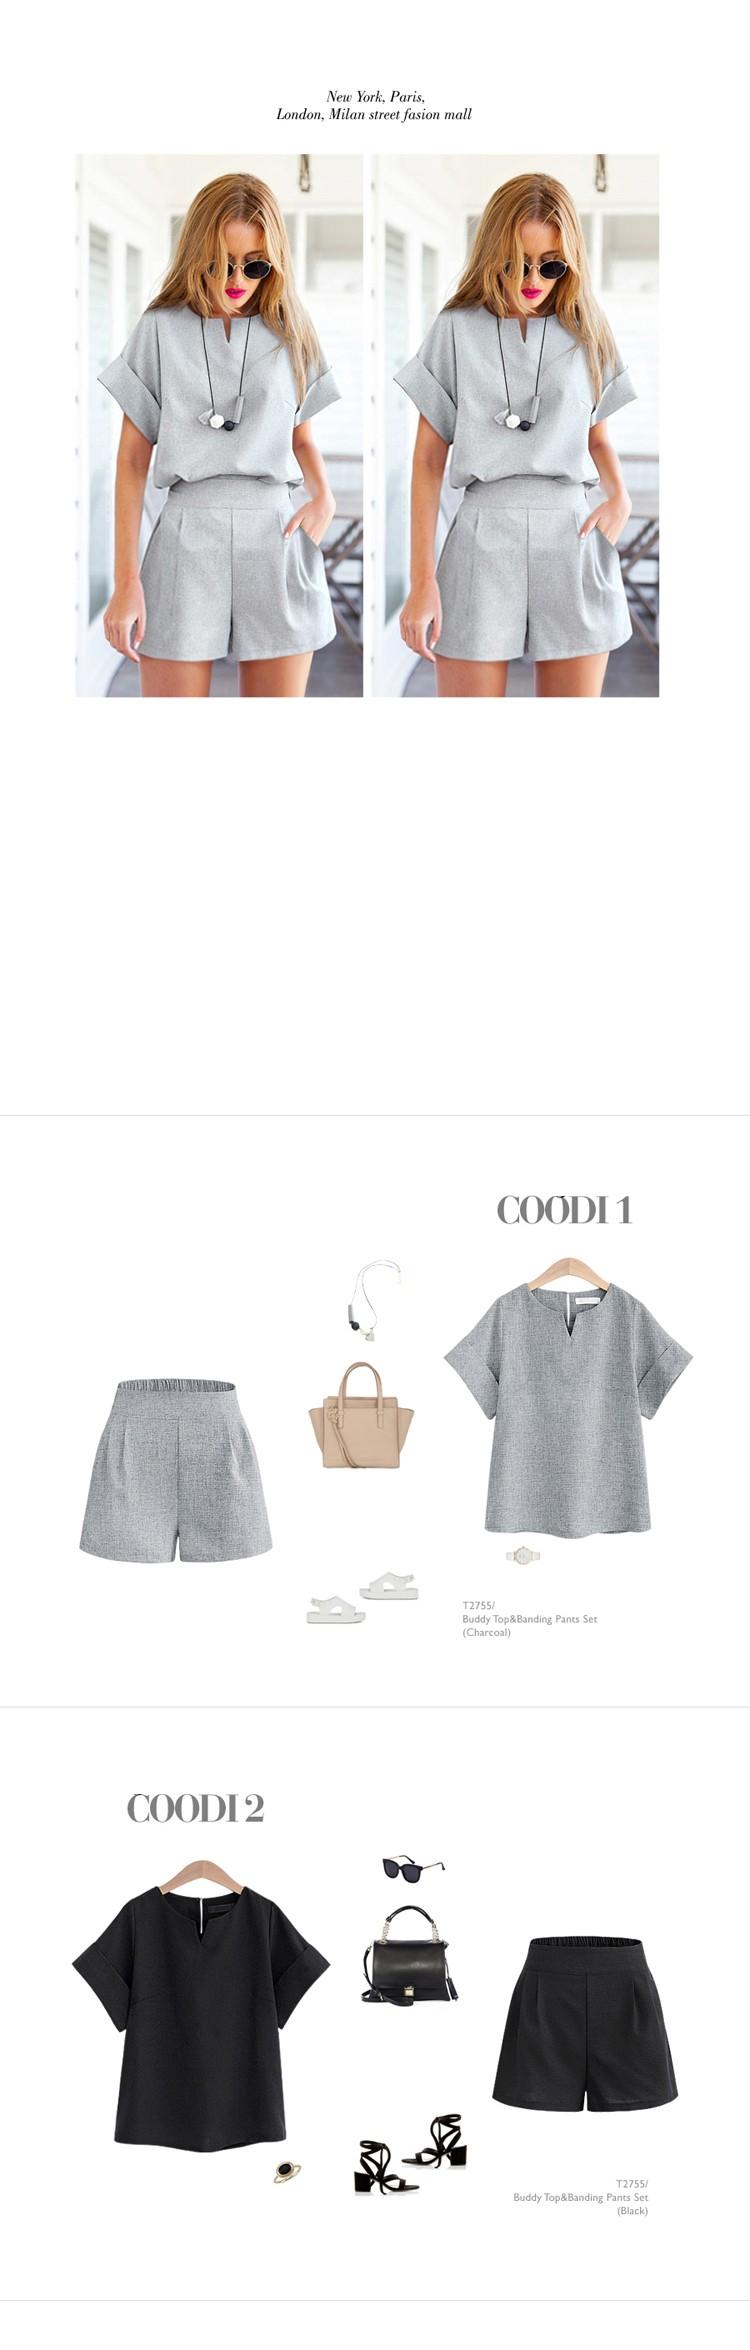 2017 Kobiety Lato W Stylu Casual Cotton Linen Top Koszula Kobiece Pure Color Kobiet Biuro Garnitur Ustawić kobiet Kostiumy Hot Krótki zestawy 5